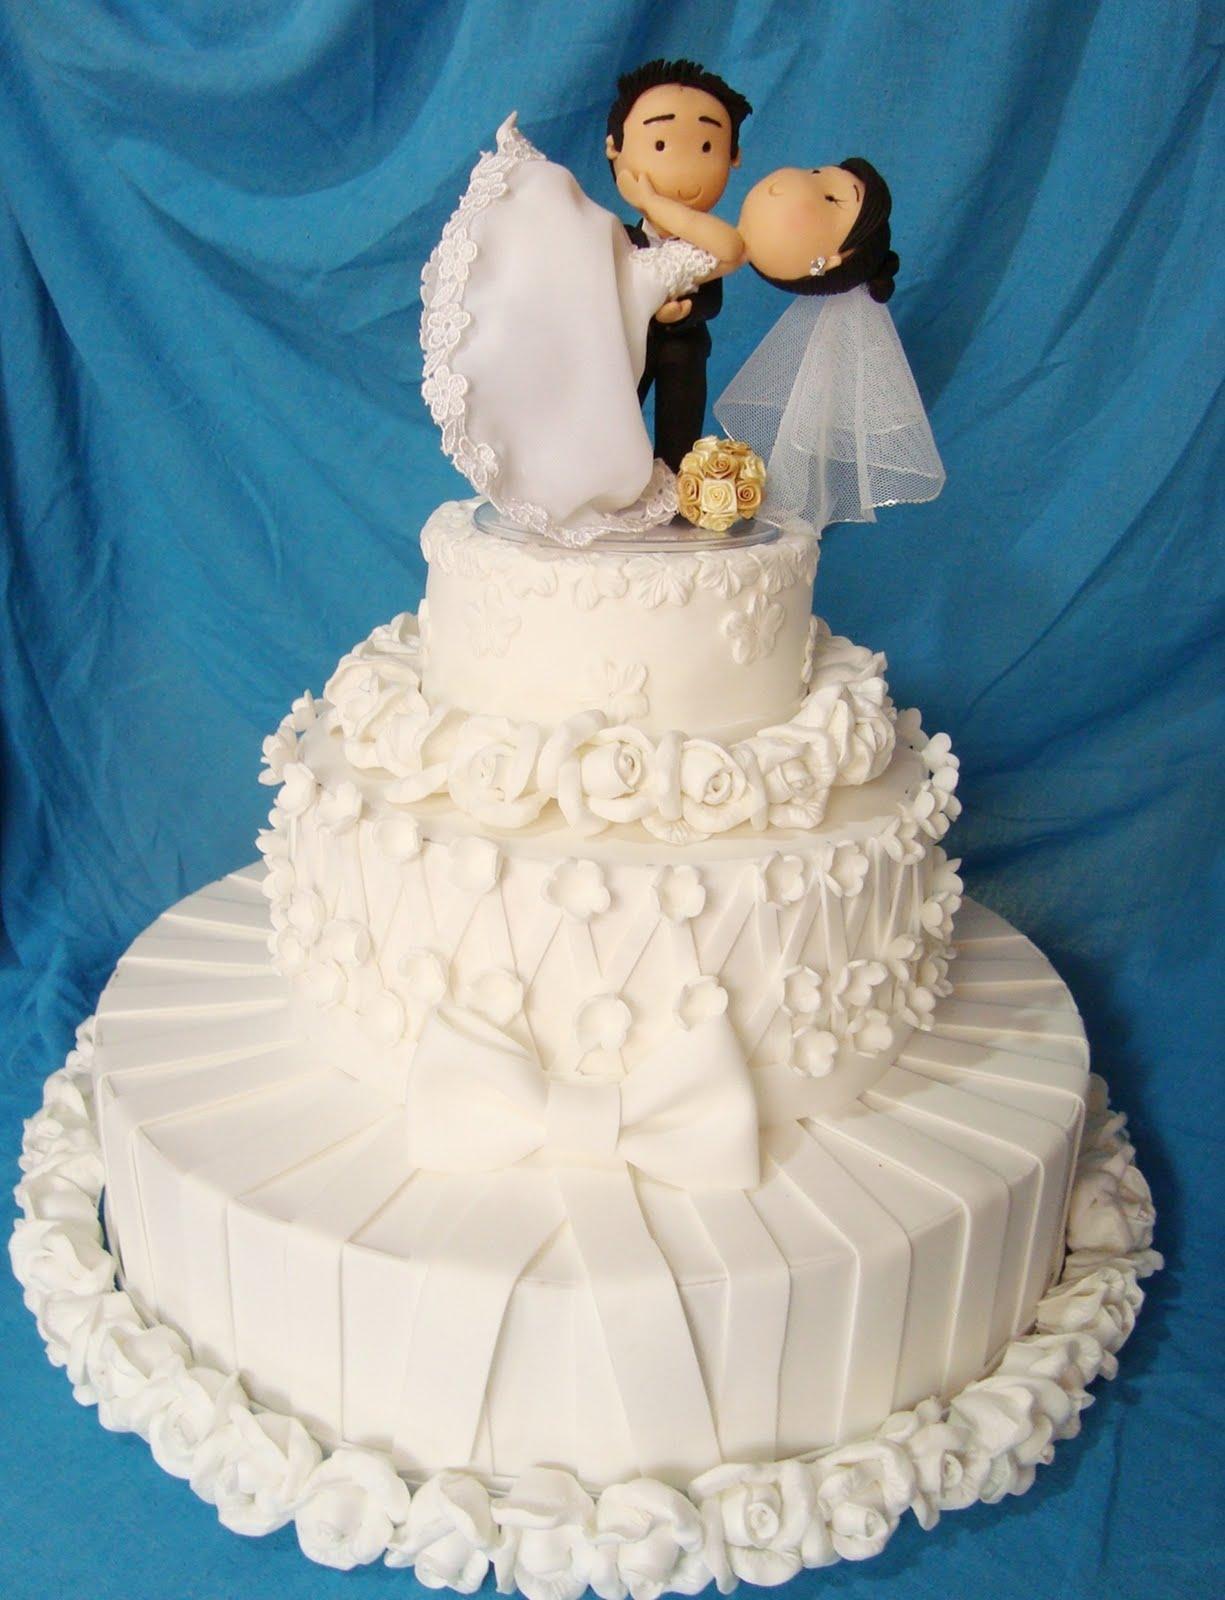 decoracao alternativa e barata para casamento : decoracao alternativa e barata para casamento: de Palmas: Alternativa barata para decoração: arranjos em E.V.A